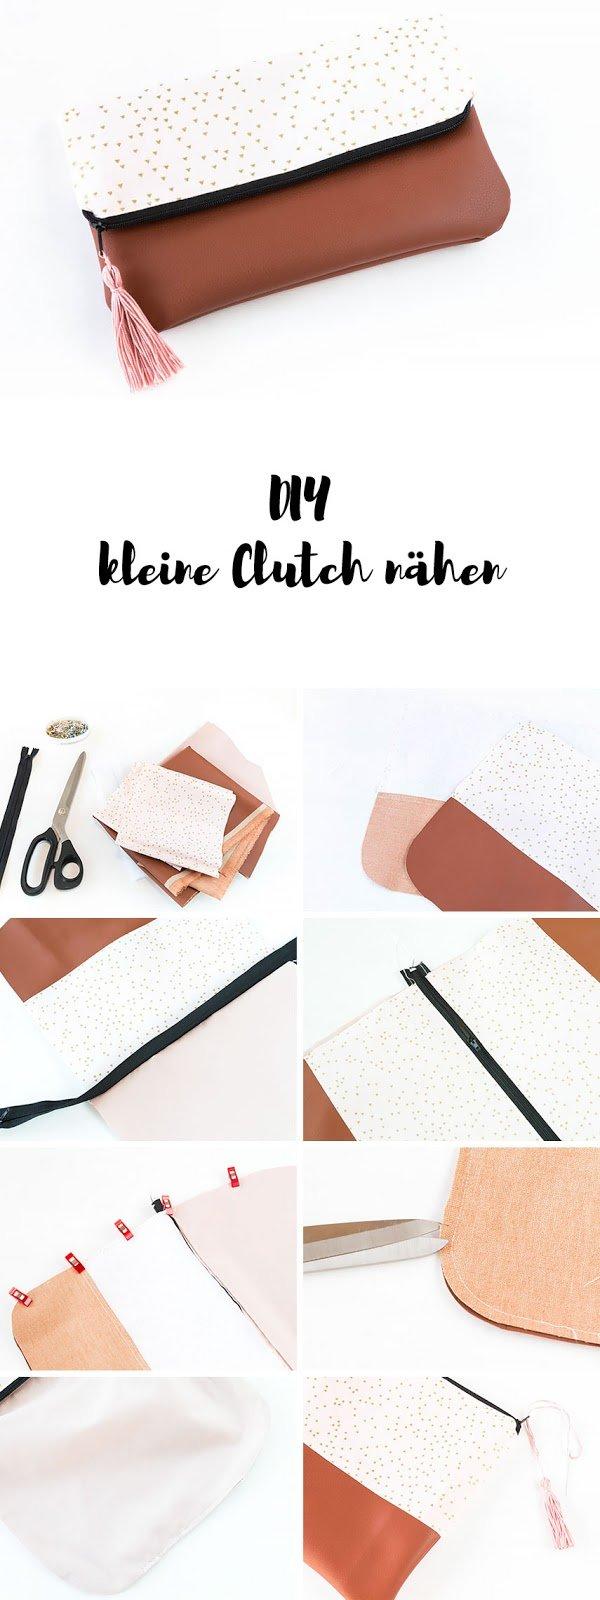 Clutch nähen für Anfänger mit gratis Schnittmuster - eine selbstgemachte Clutch ist ein tolles DIY Geschenk zu Weihnachten oder zum Geburtstag | ars textura - DIY Blog